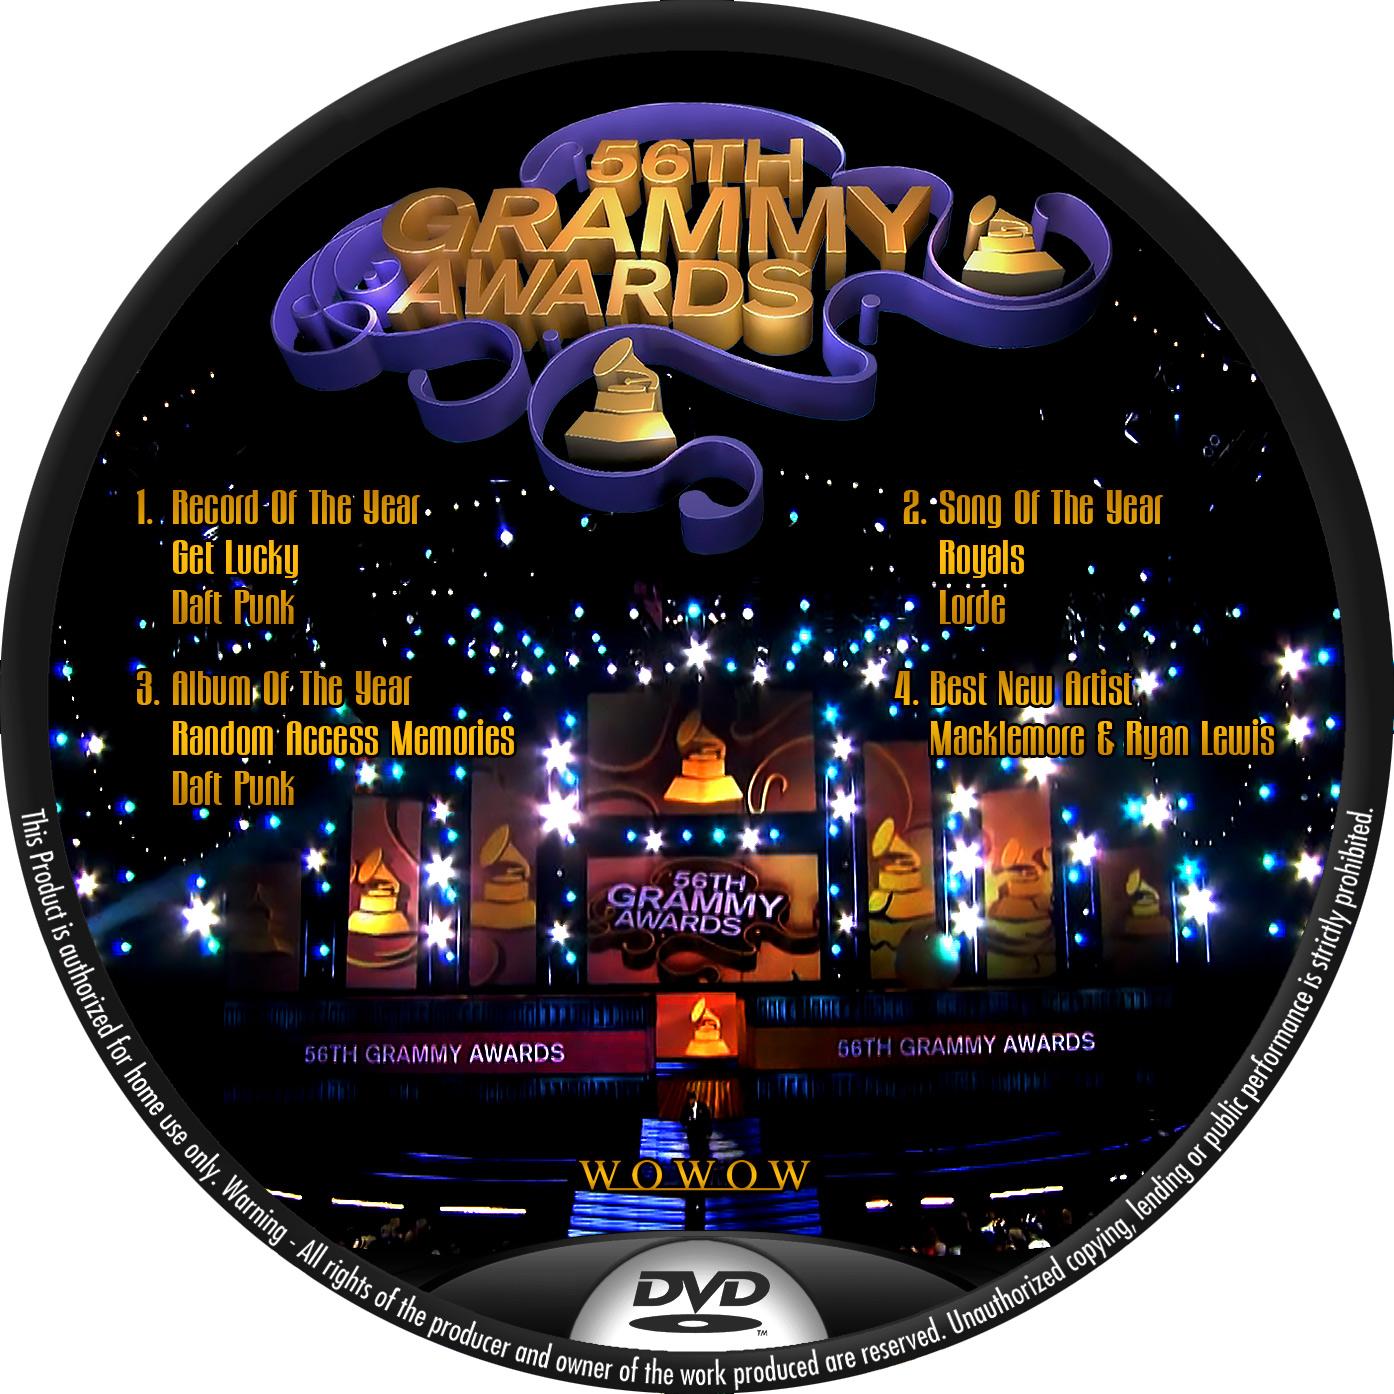 第56回グラミー賞 WOWOW DVDラベル